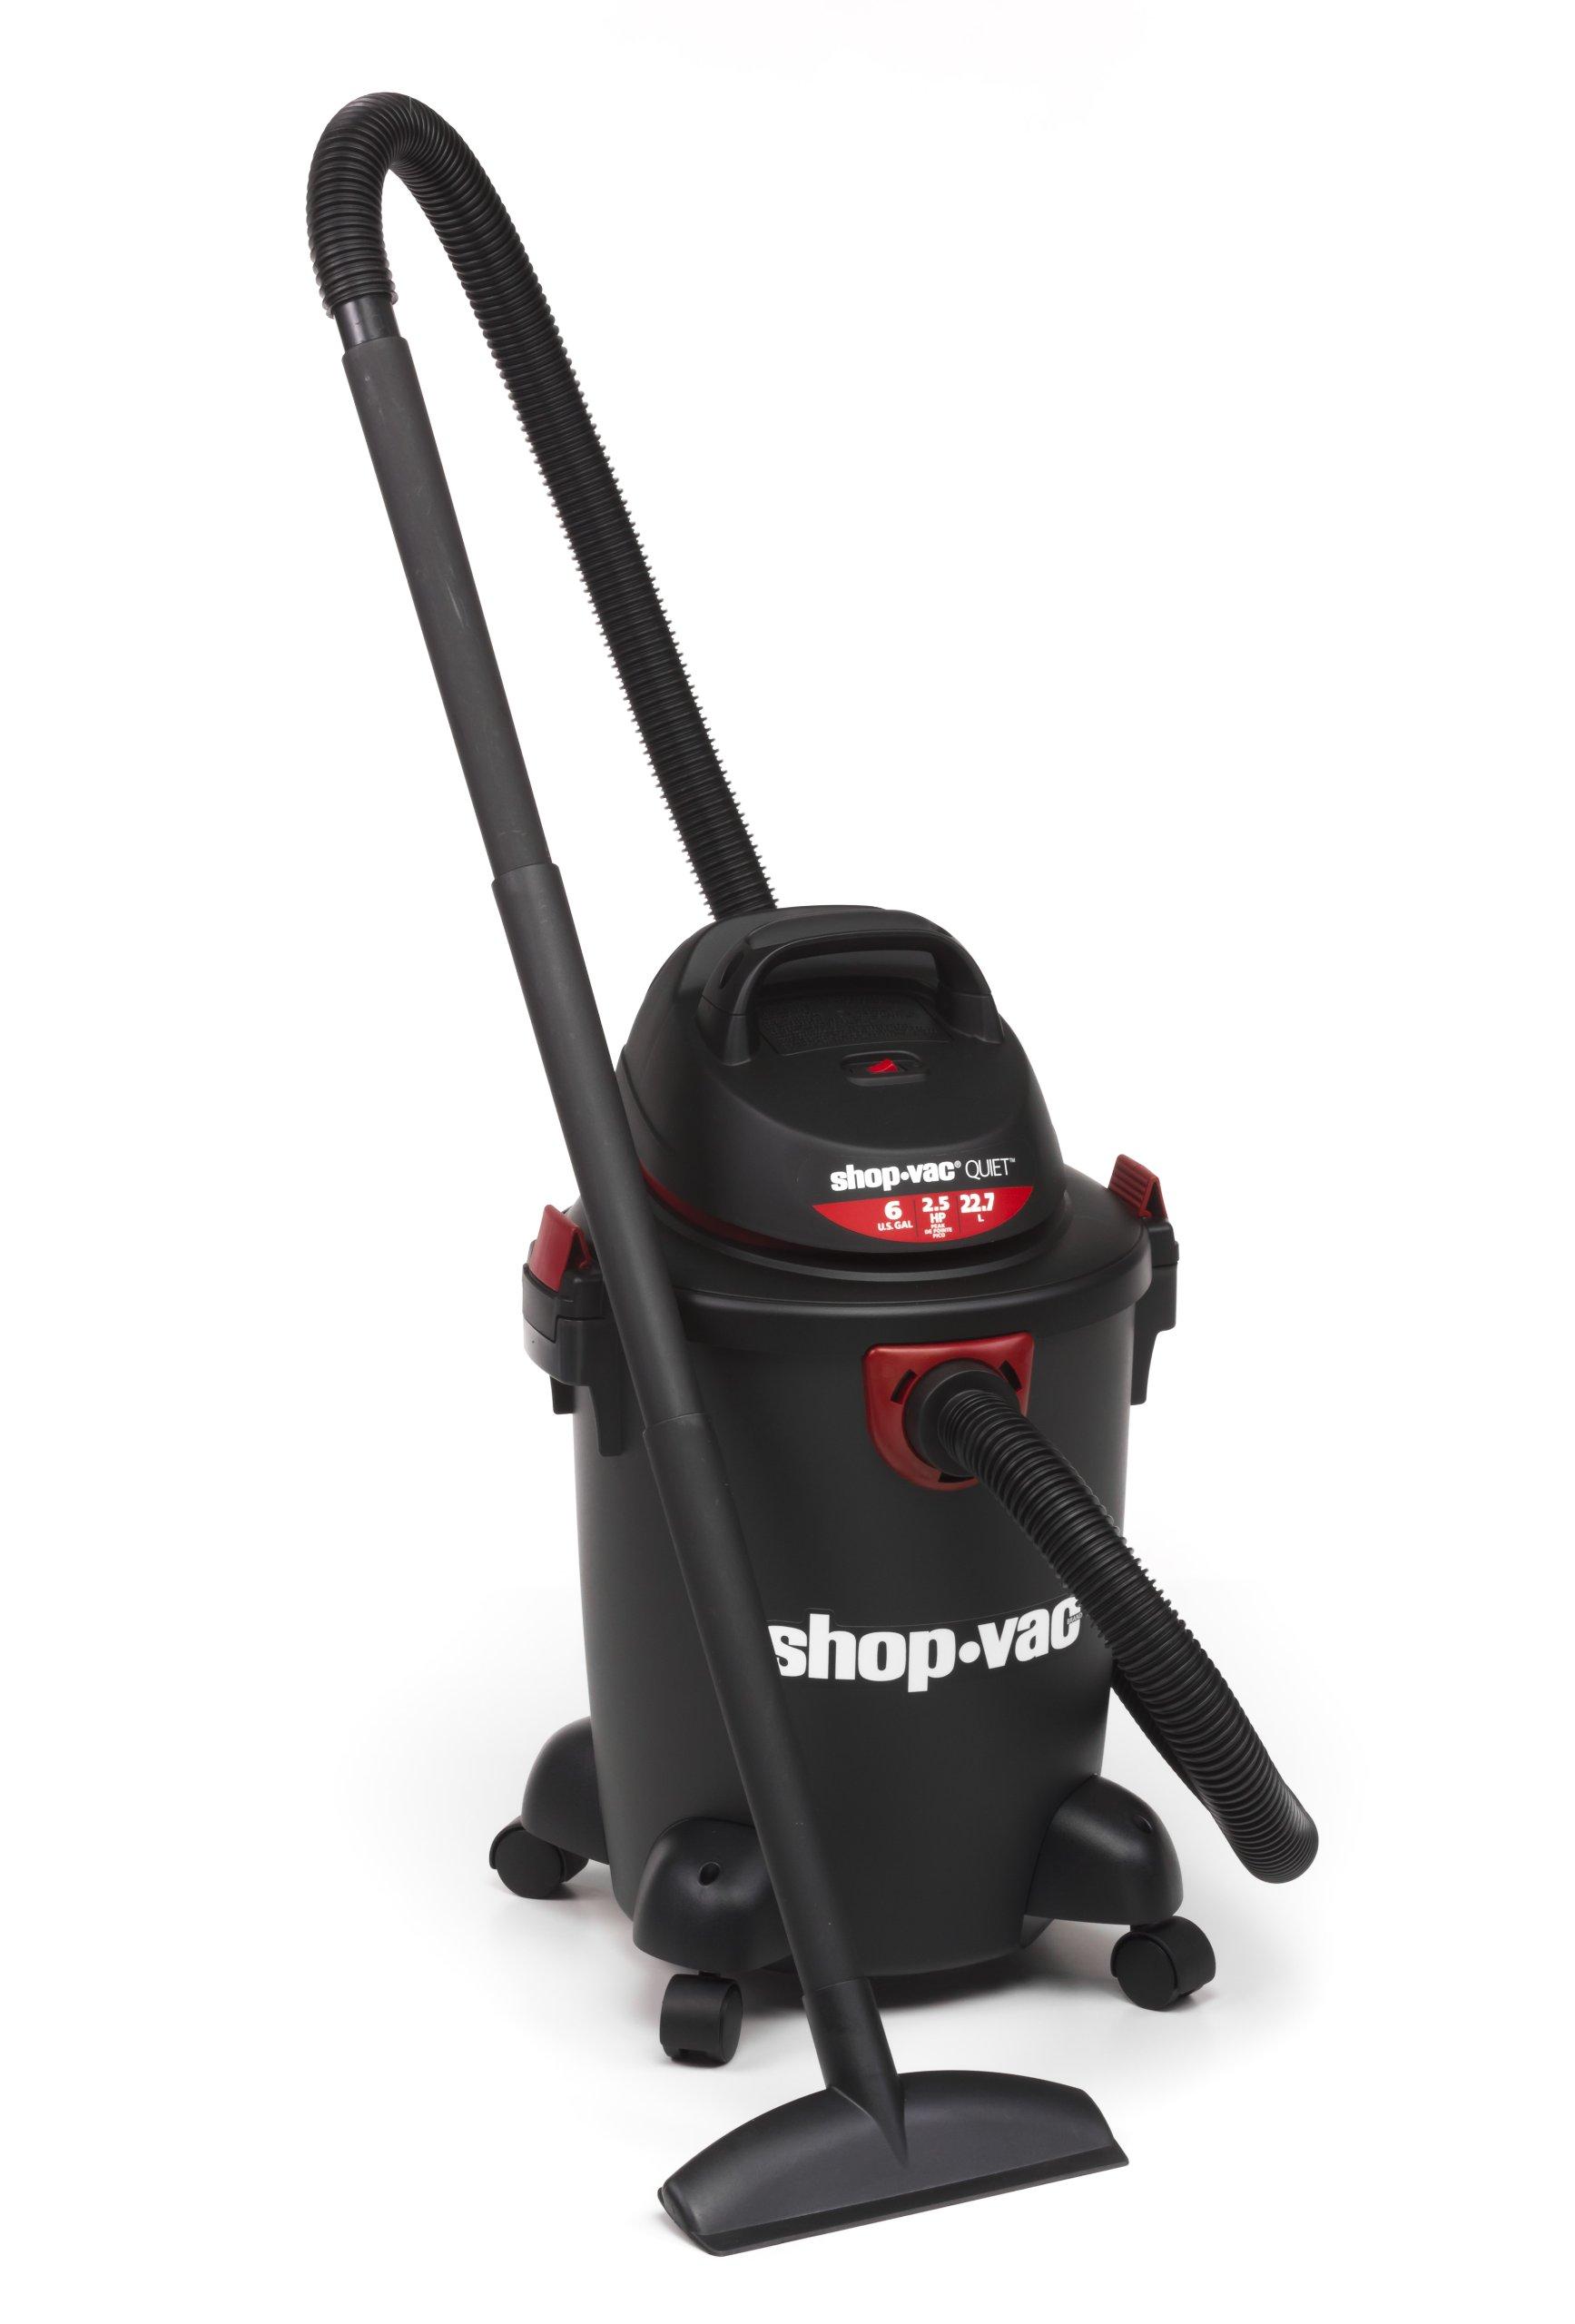 Shop-Vac 5980600 6-Gallon 2.5 Peak HP Quiet Series Wet Dry Vacuum